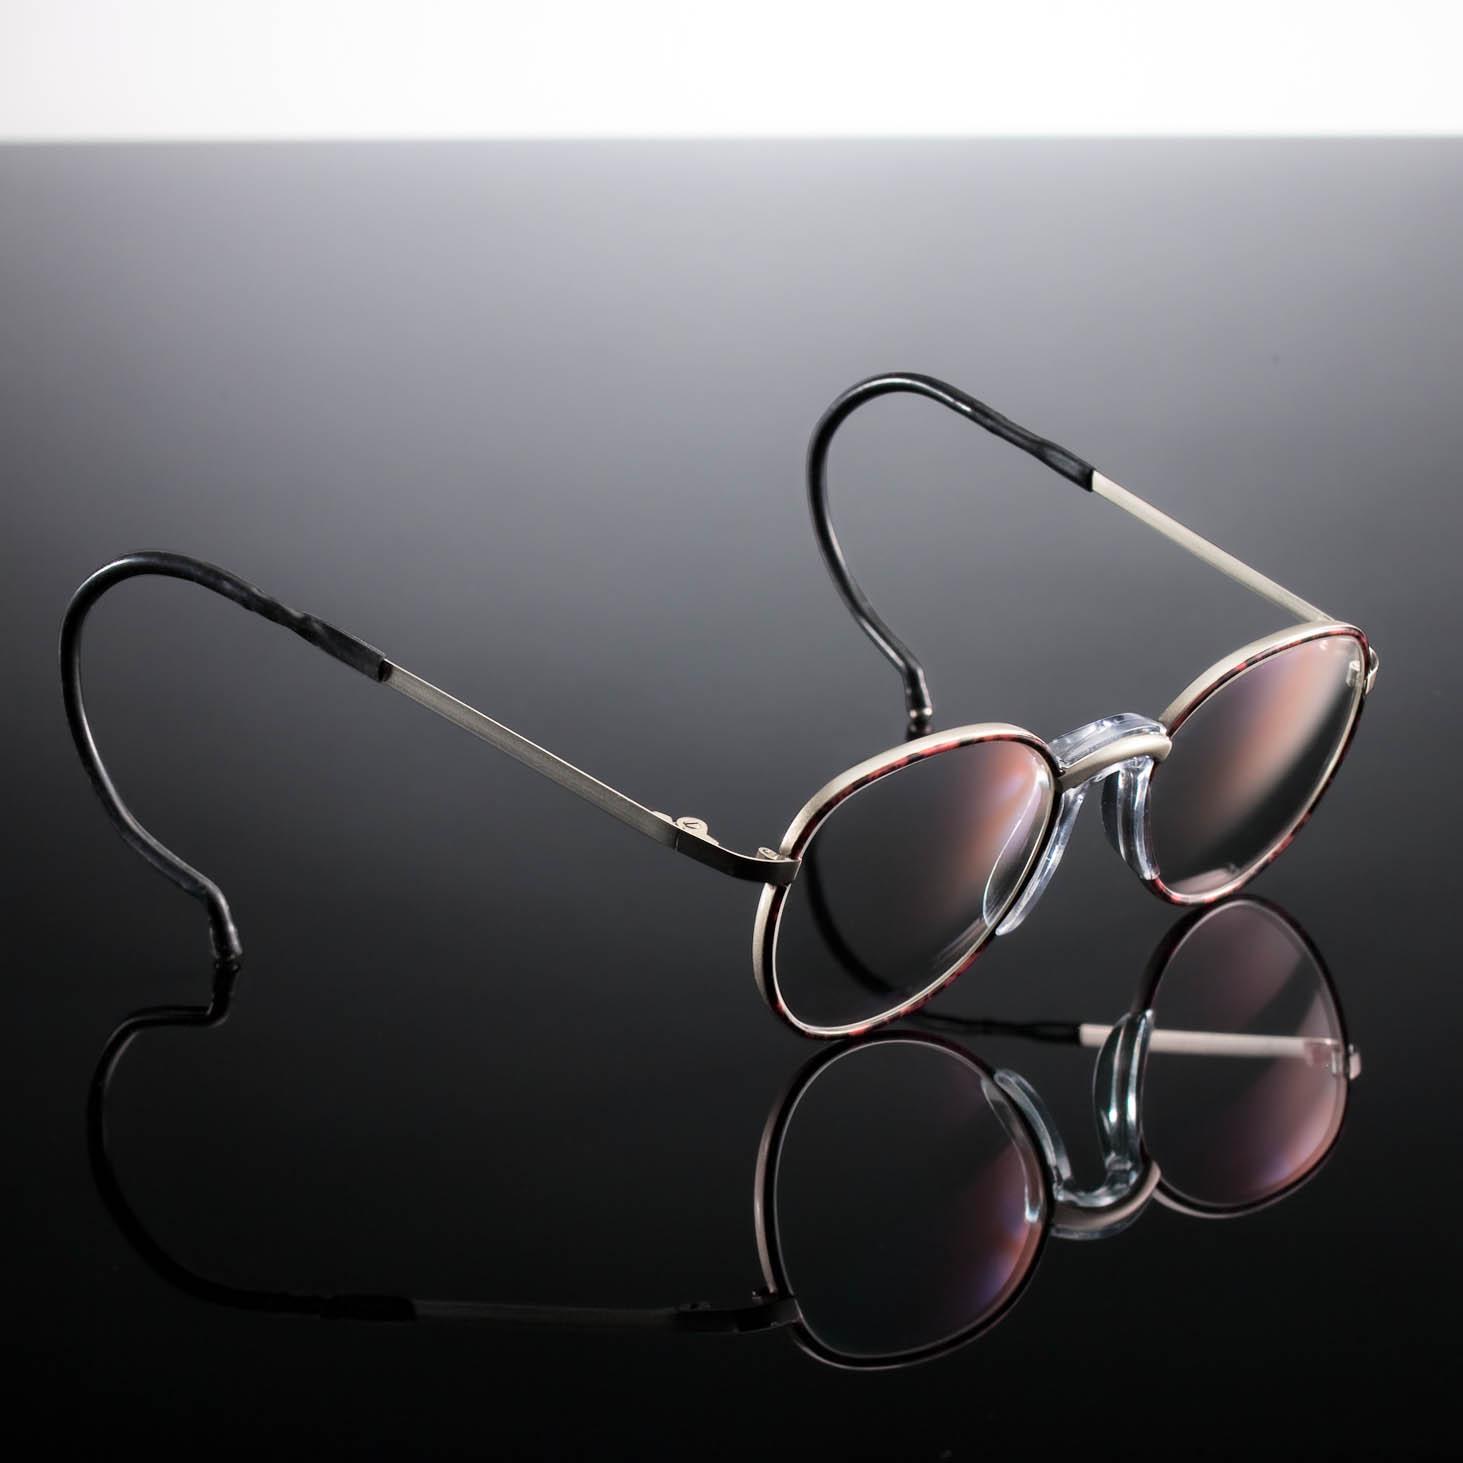 012_infobild_brillen1_schwarze_spiegelplatte